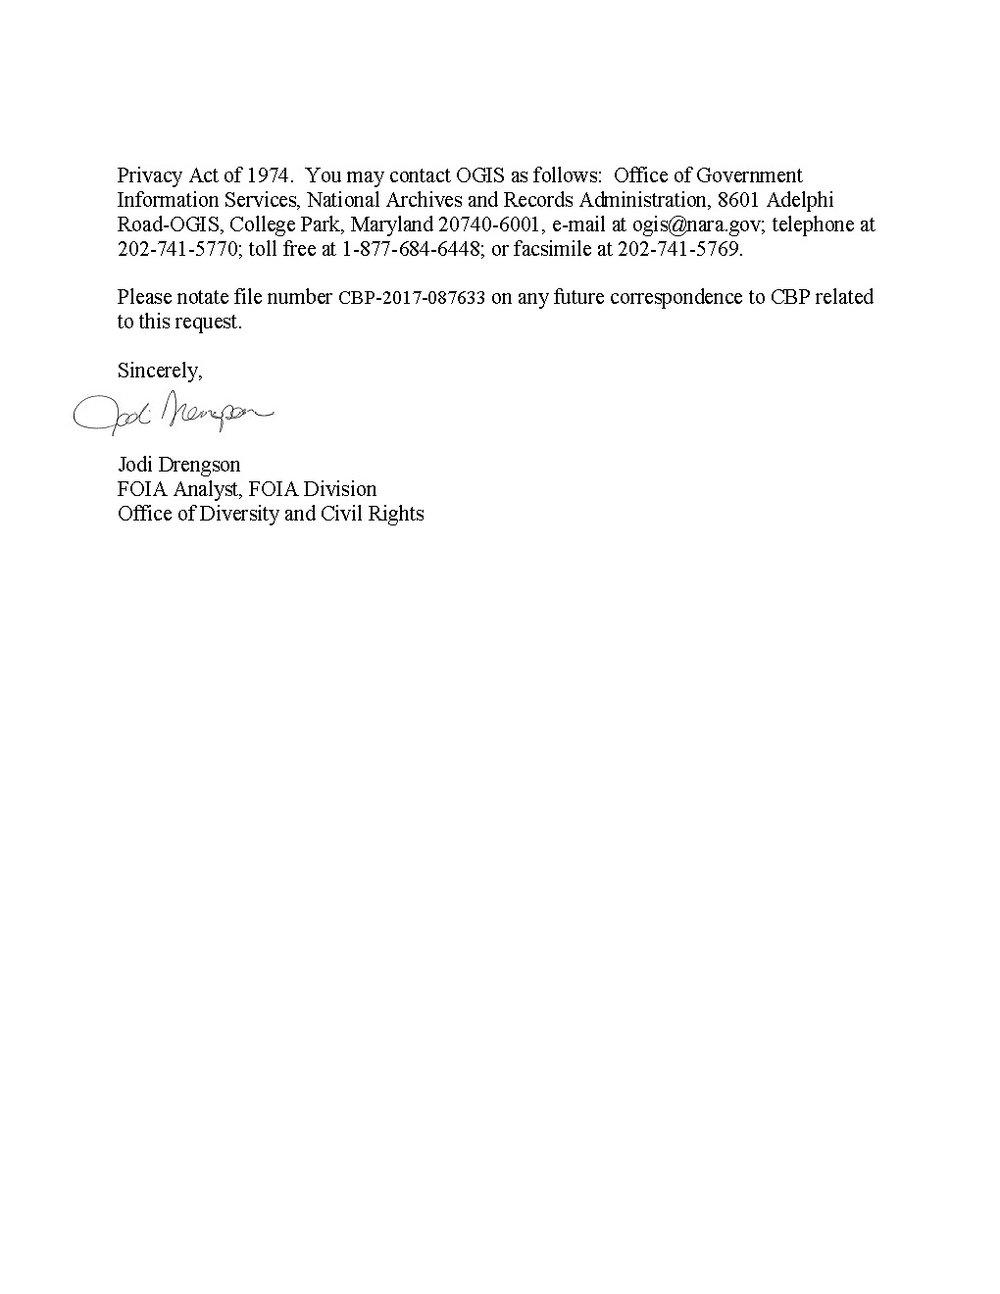 CBP-2017-087633_Final Response_Page_2.jpg